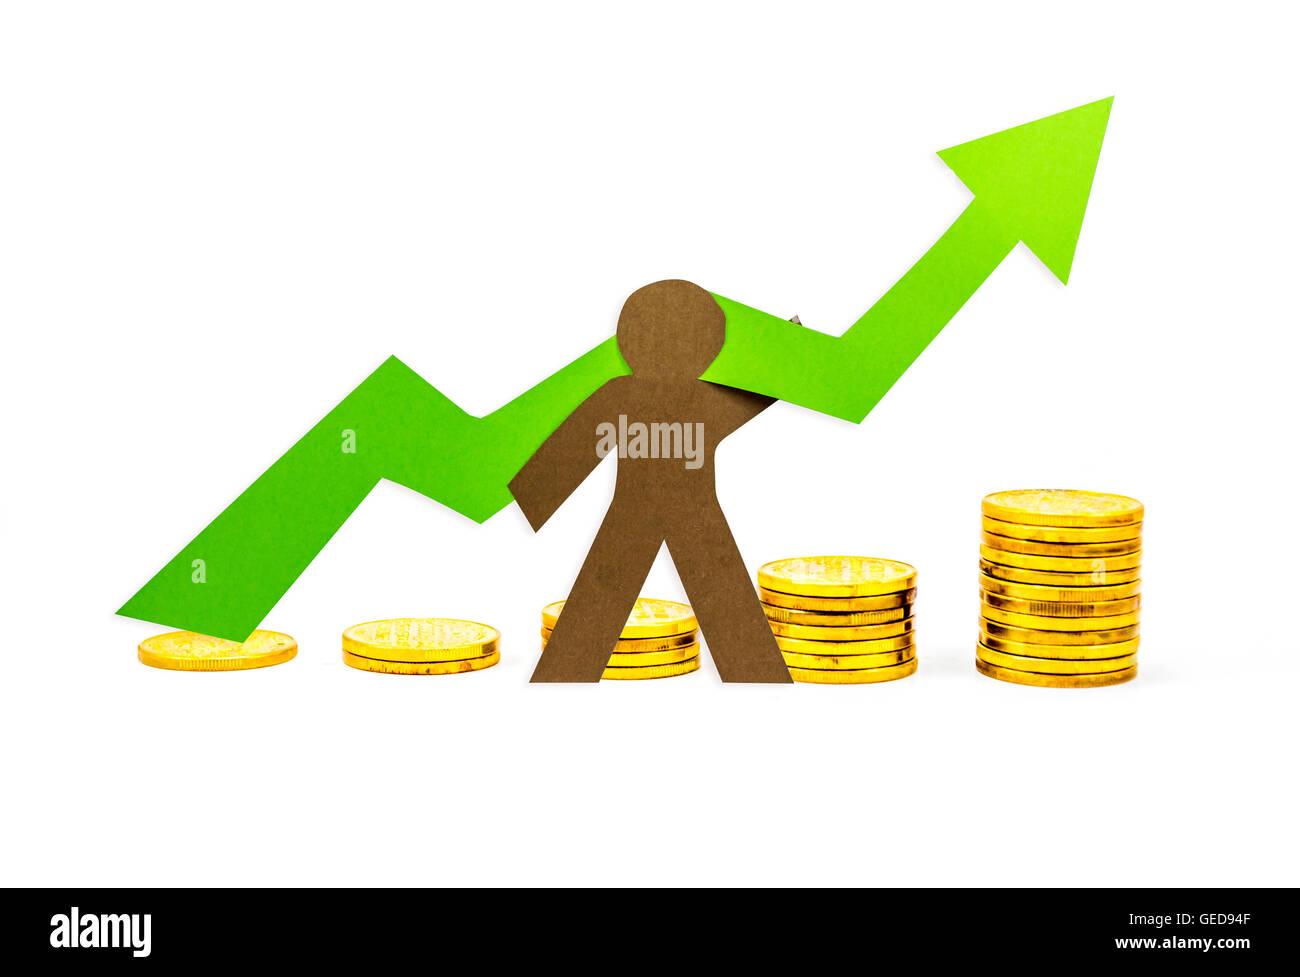 Gráfico monetario hacia arriba con una persona apoyando Imagen De Stock